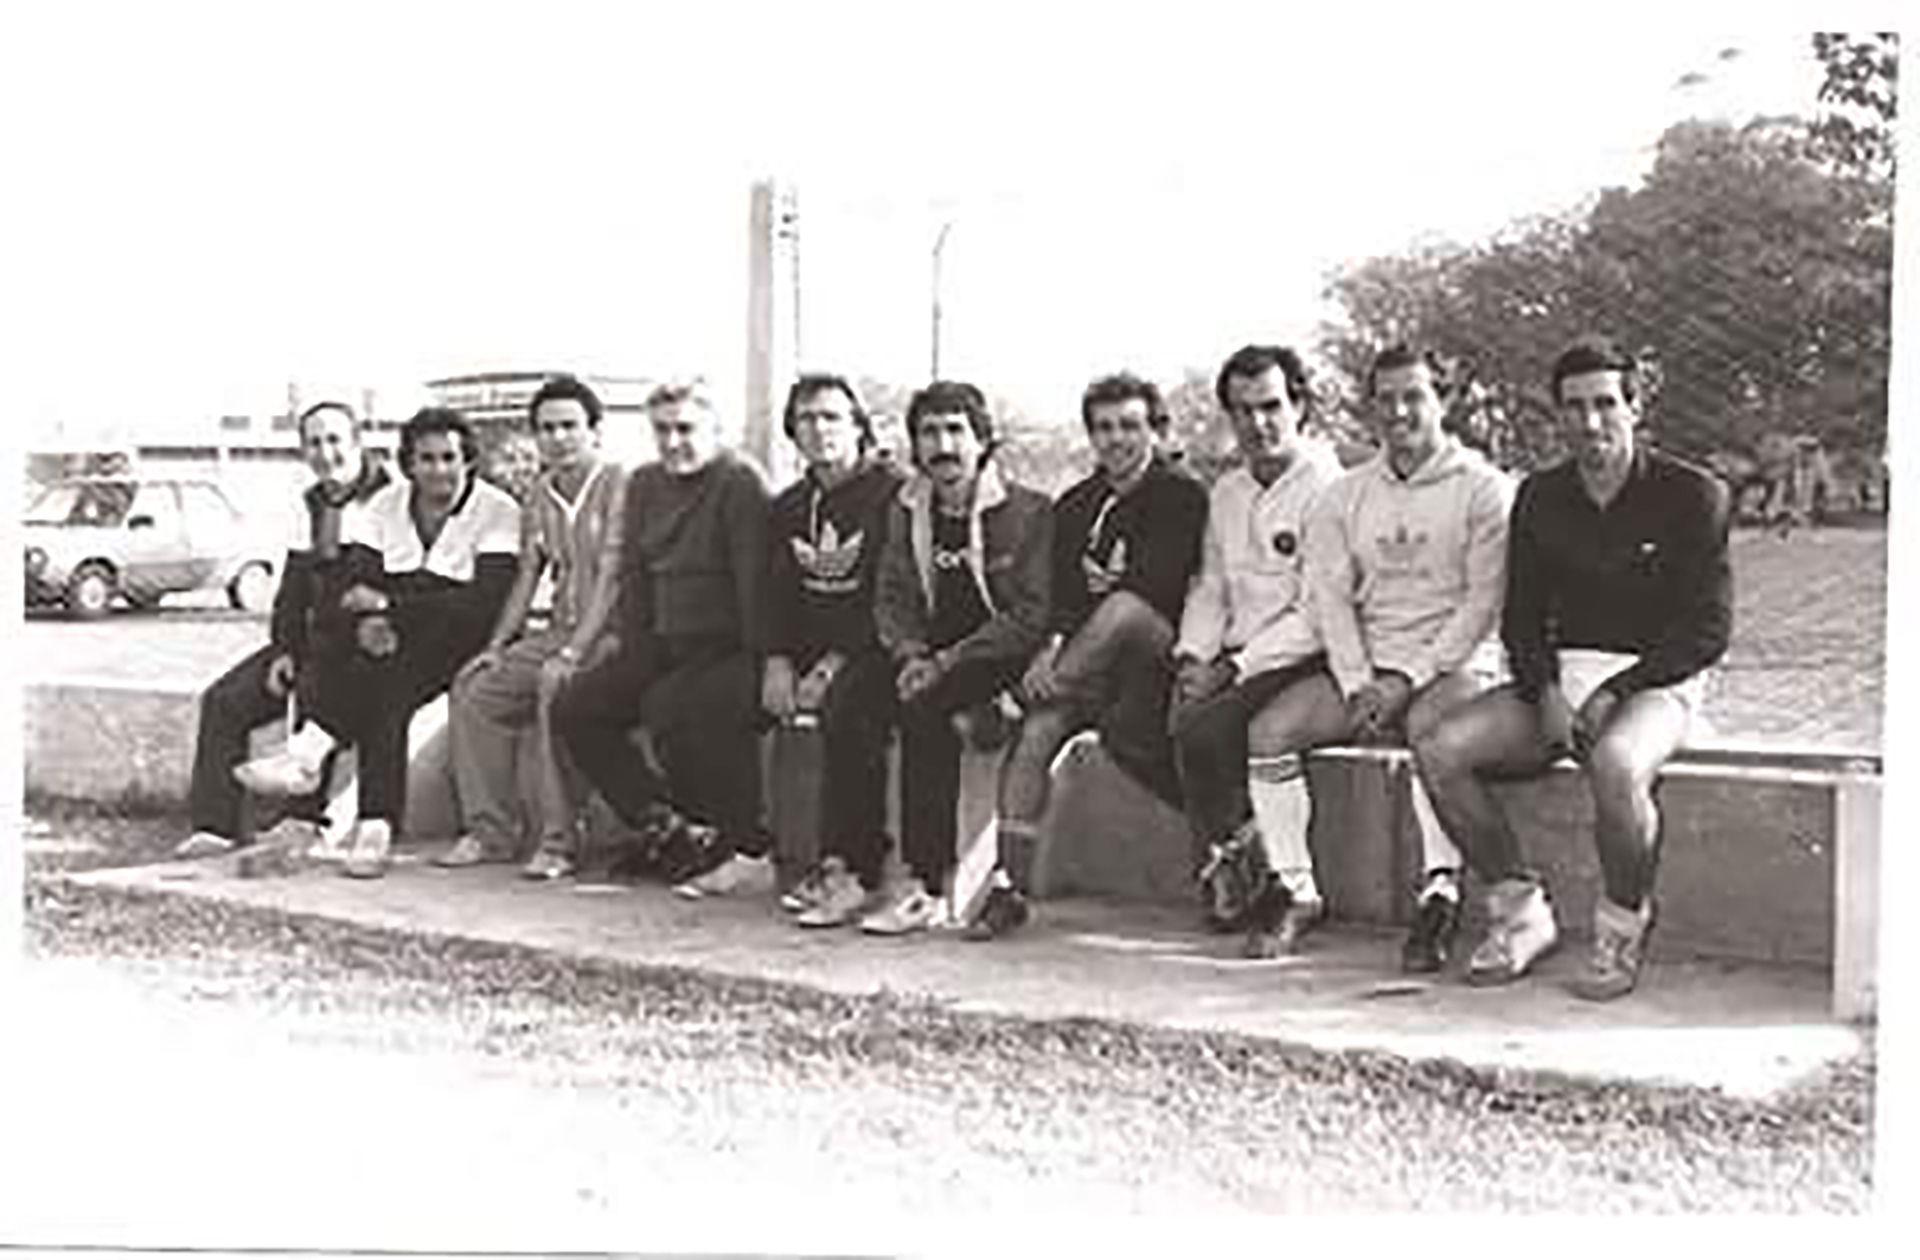 Bielsa, Griffa y el cuerpo técnico de las inferiores de Newell's en los 80 (@chueco_67)